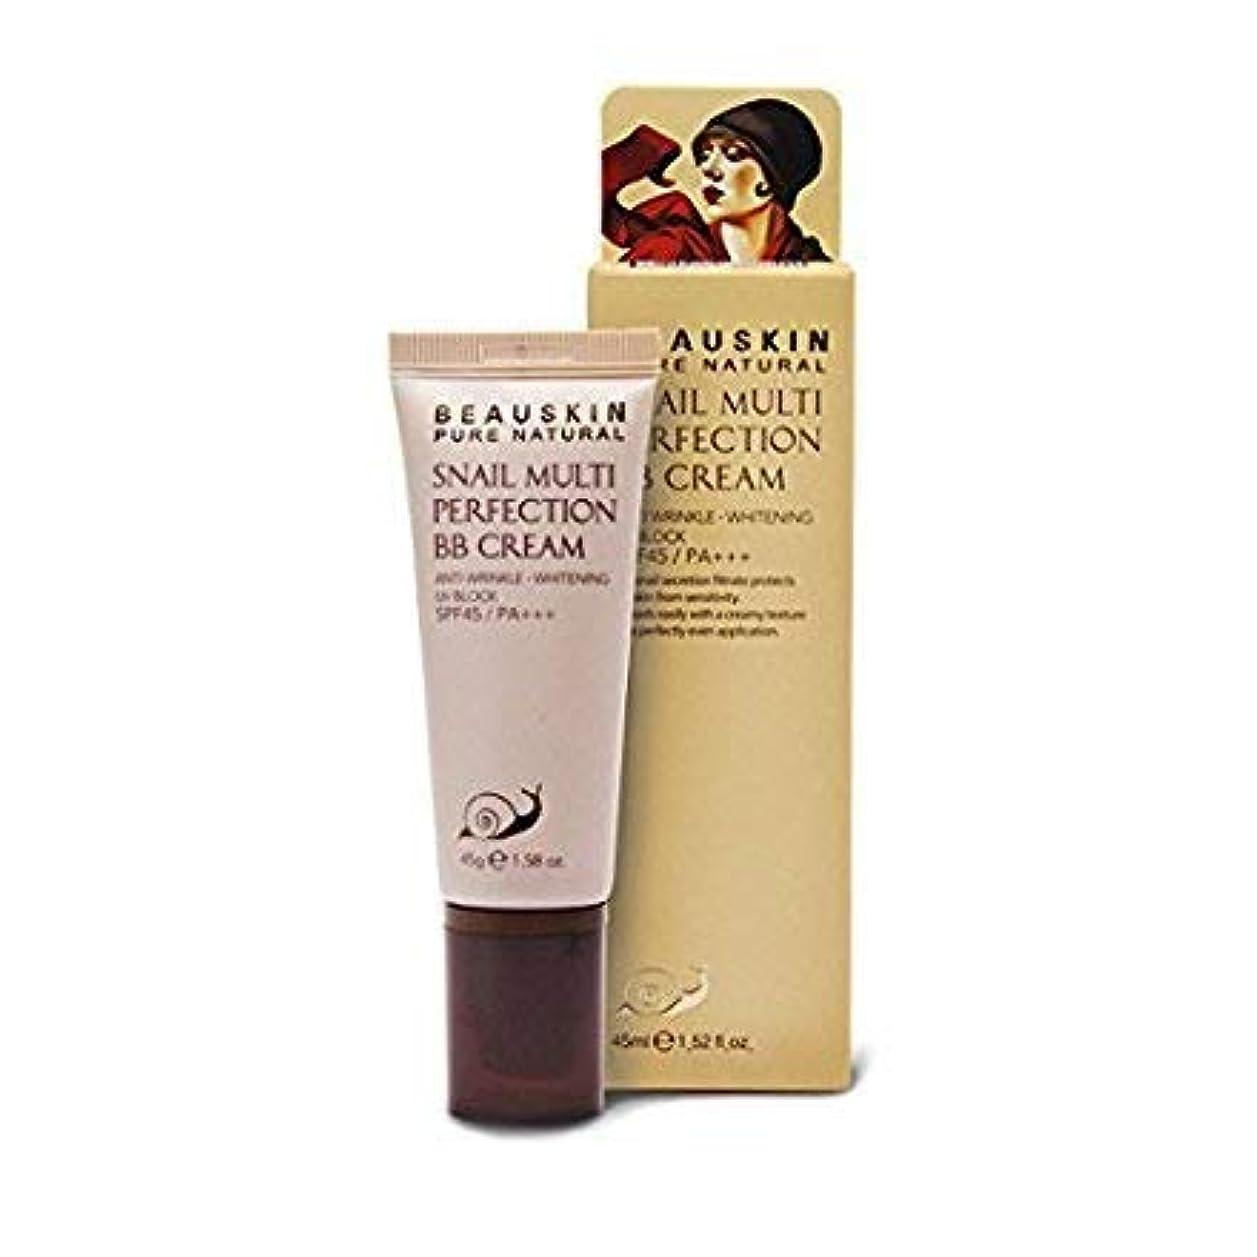 グリーンランド経済誘うBeauskin Snail Silky Pore B.B Cream Spf30 / Pa ++ 45G 1.58オンス/ 6フリー/アンチリンクル、ホワイトニング、日焼け止め/韓国化粧品(#21ナチュラルベージュ) [並行輸入品]